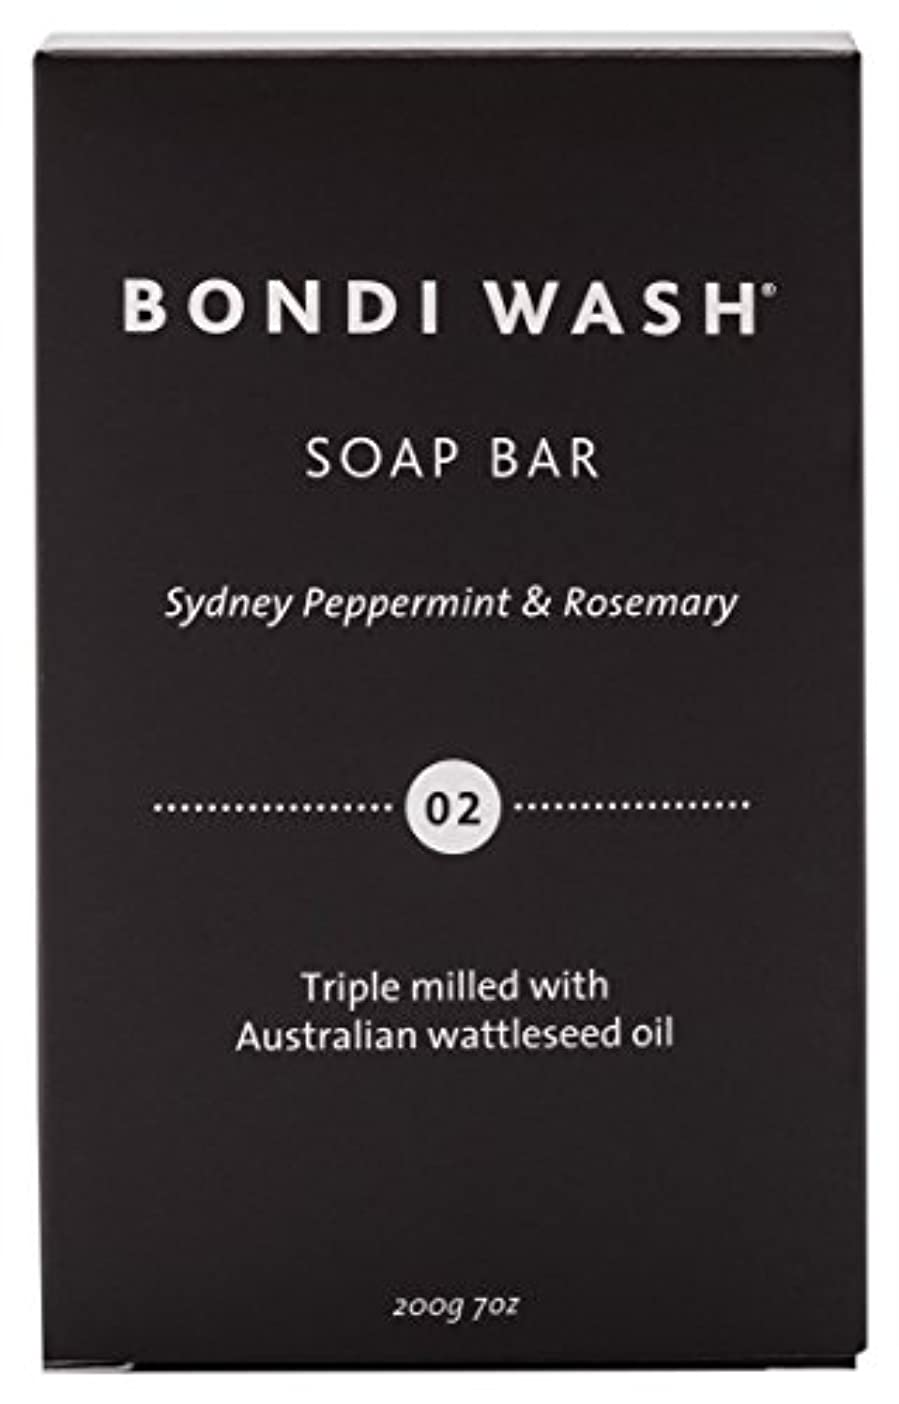 昆虫を見る解釈的の前でBONDI WASH ソープバー(固形石鹸) シドニーペパーミント&ローズマリー 200g